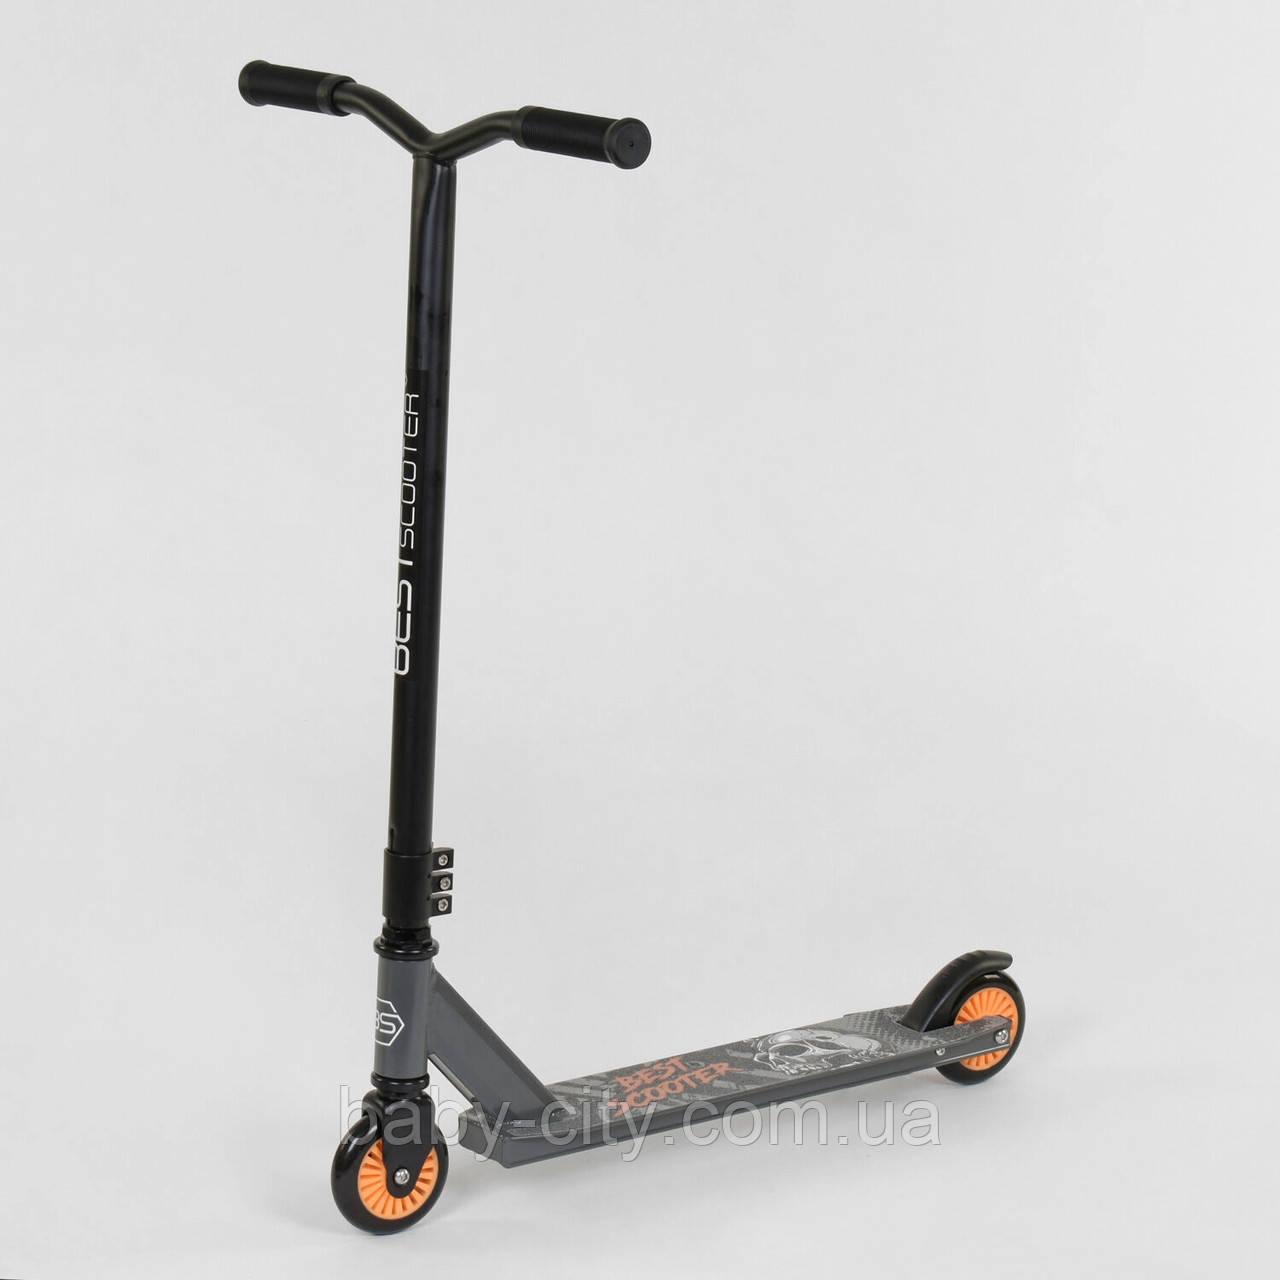 Самокат трюковый Best Scooter 49872 Черно-Оранжевый